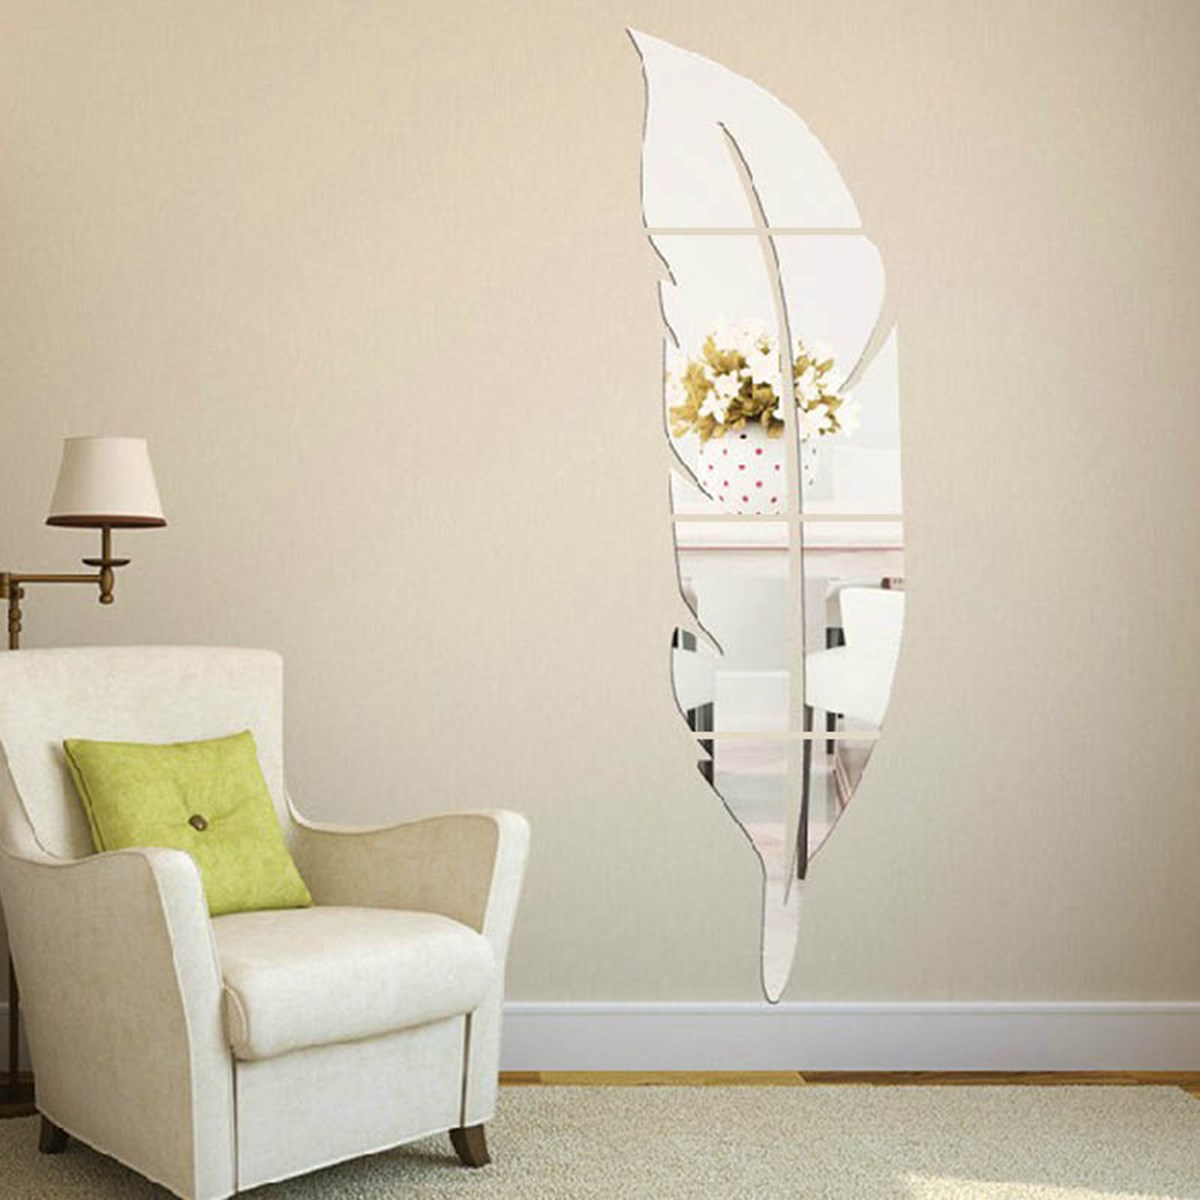 95 living room mirror wallpaper